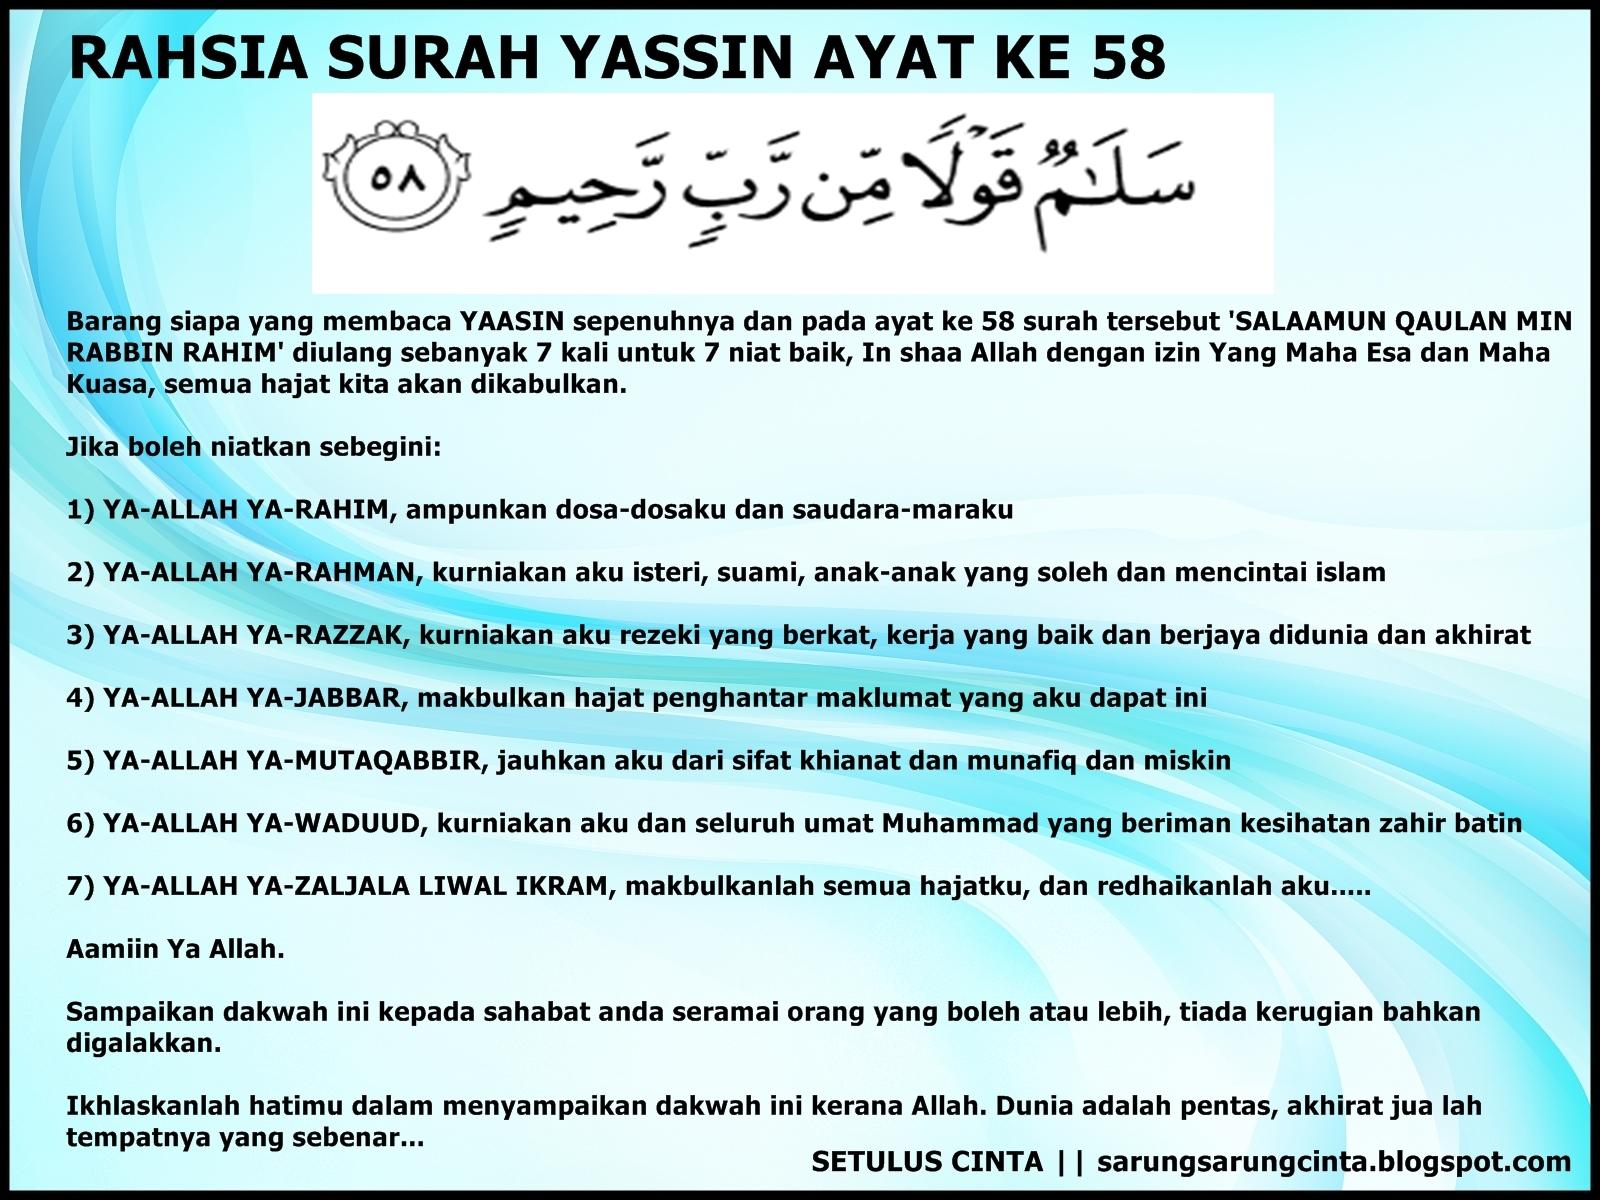 SETULUS CINTA...: Rahsia Surah Yassin Ayat Ke 58